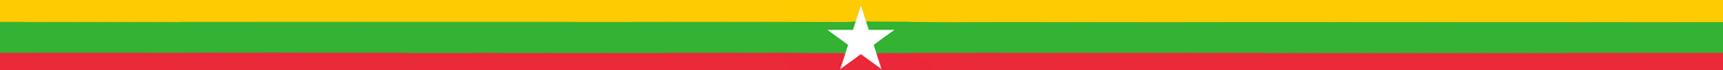 Myanmar Flag.png